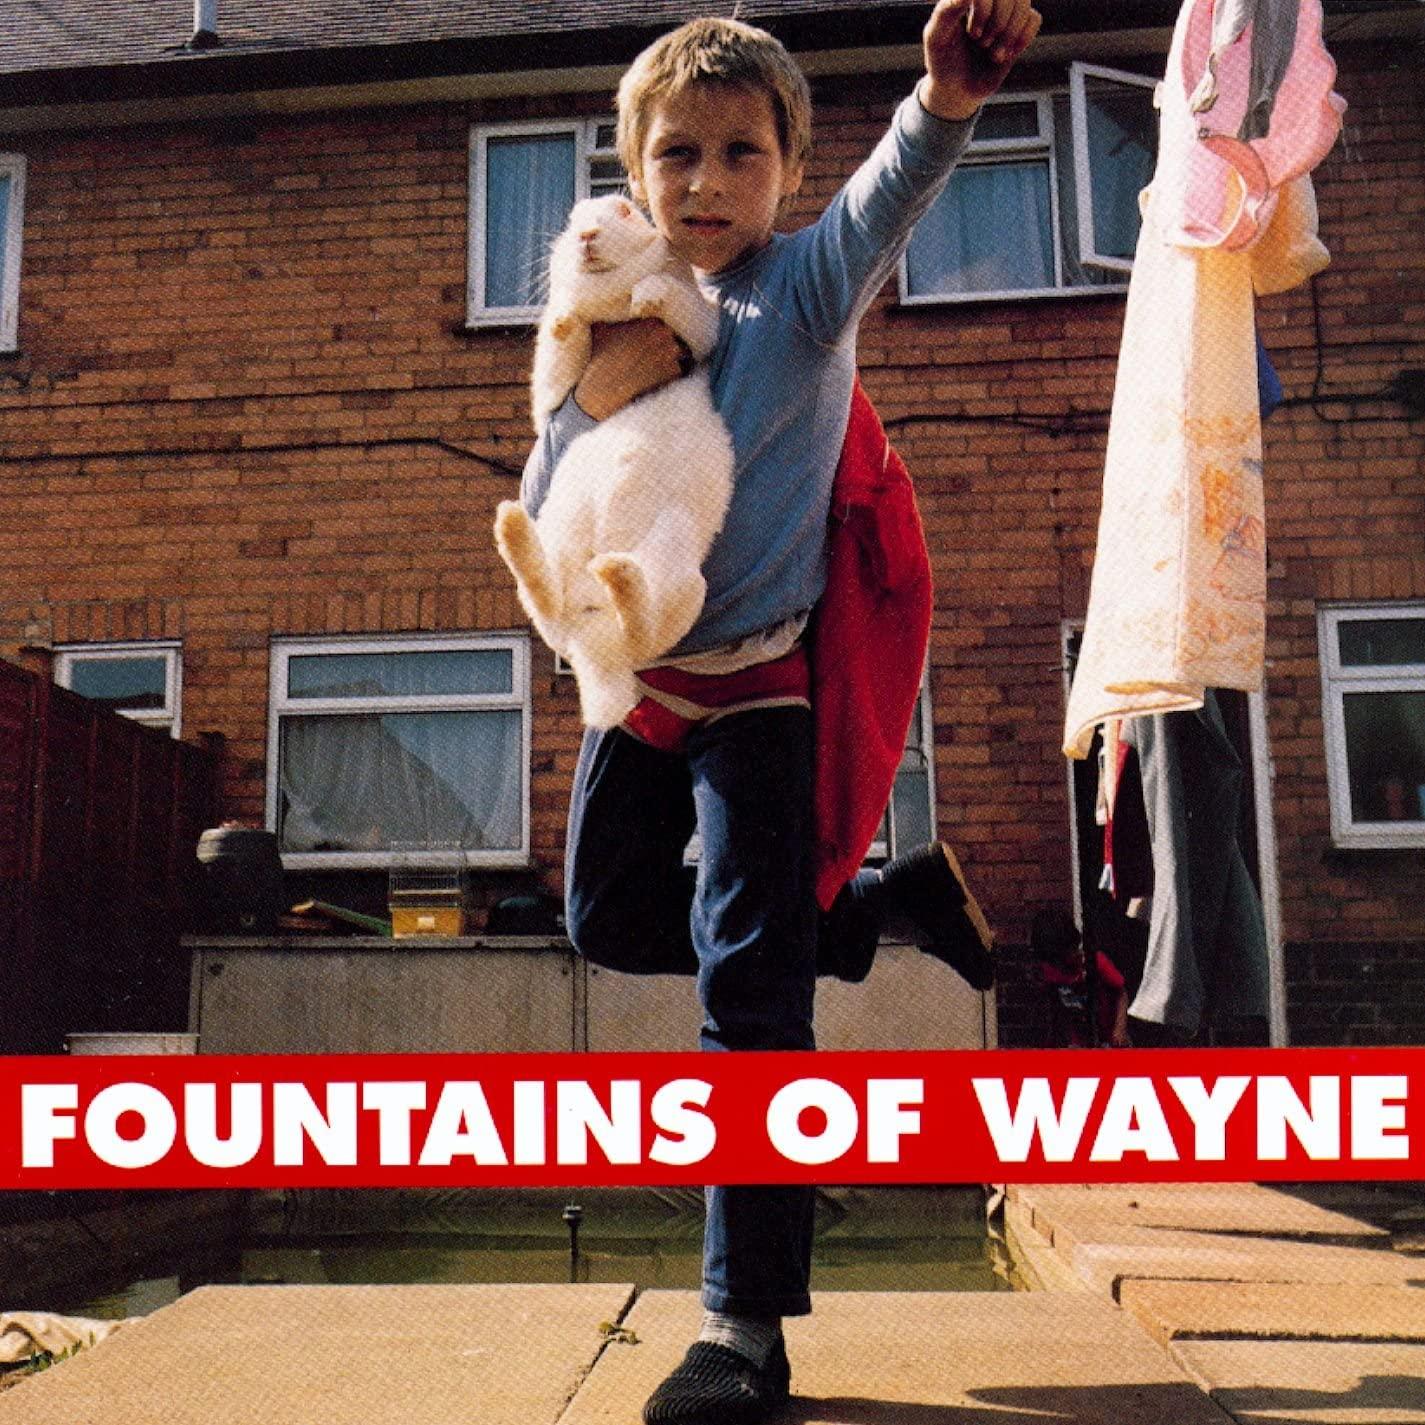 Fountain of Wayne - Fountains of Wayne CD - £5.99 (Prime) £8.98 (Non Prime) @ Amazon